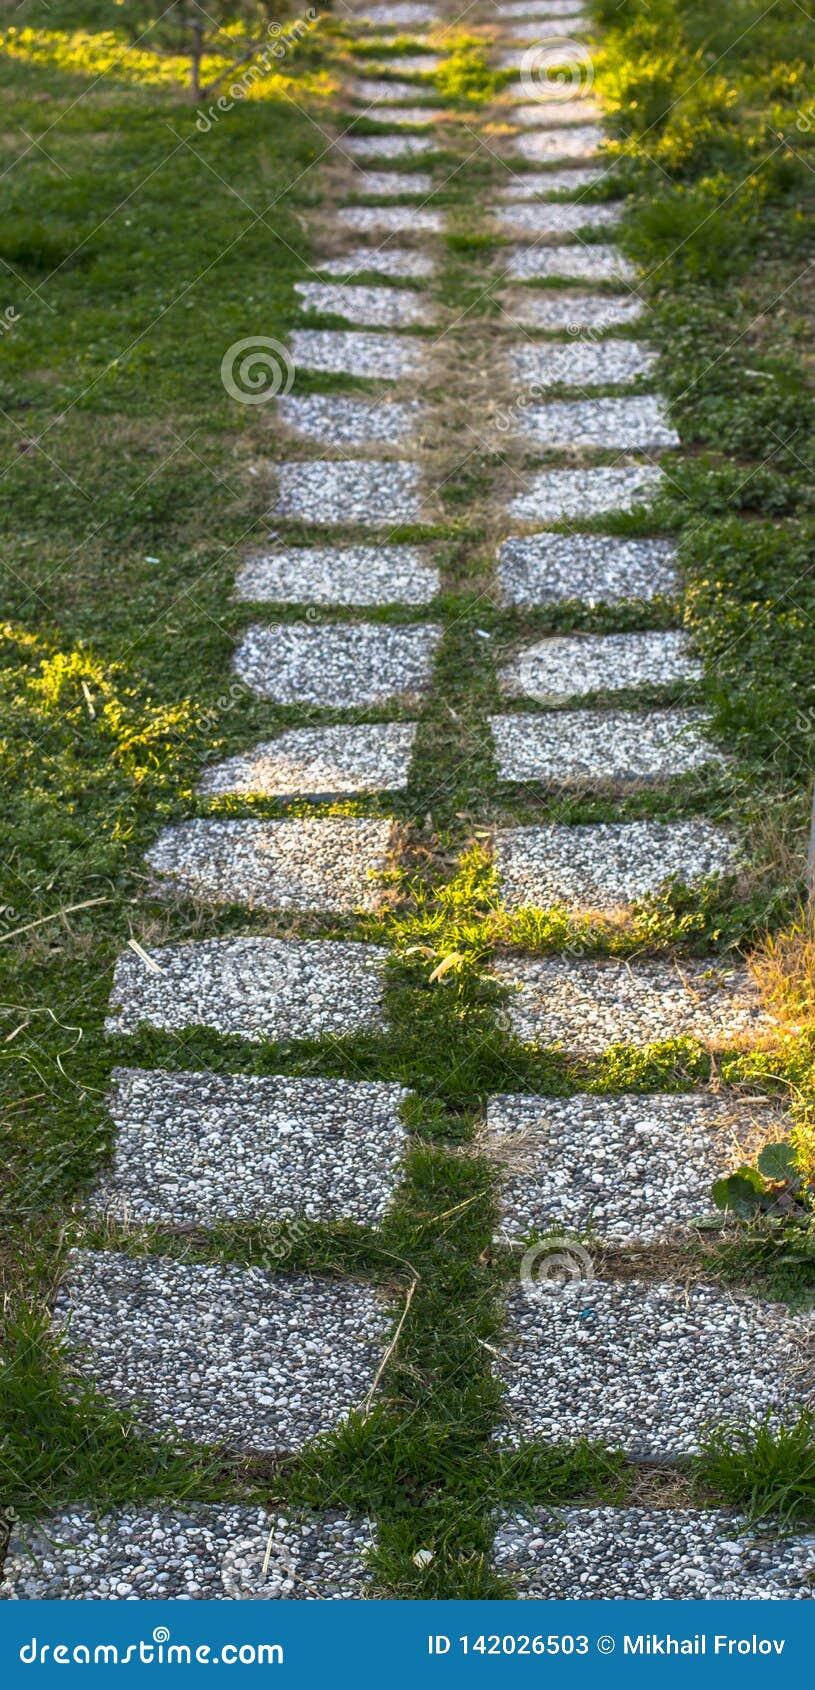 Dachówkowa ścieżka na zielonym gazonie Istanbuł park